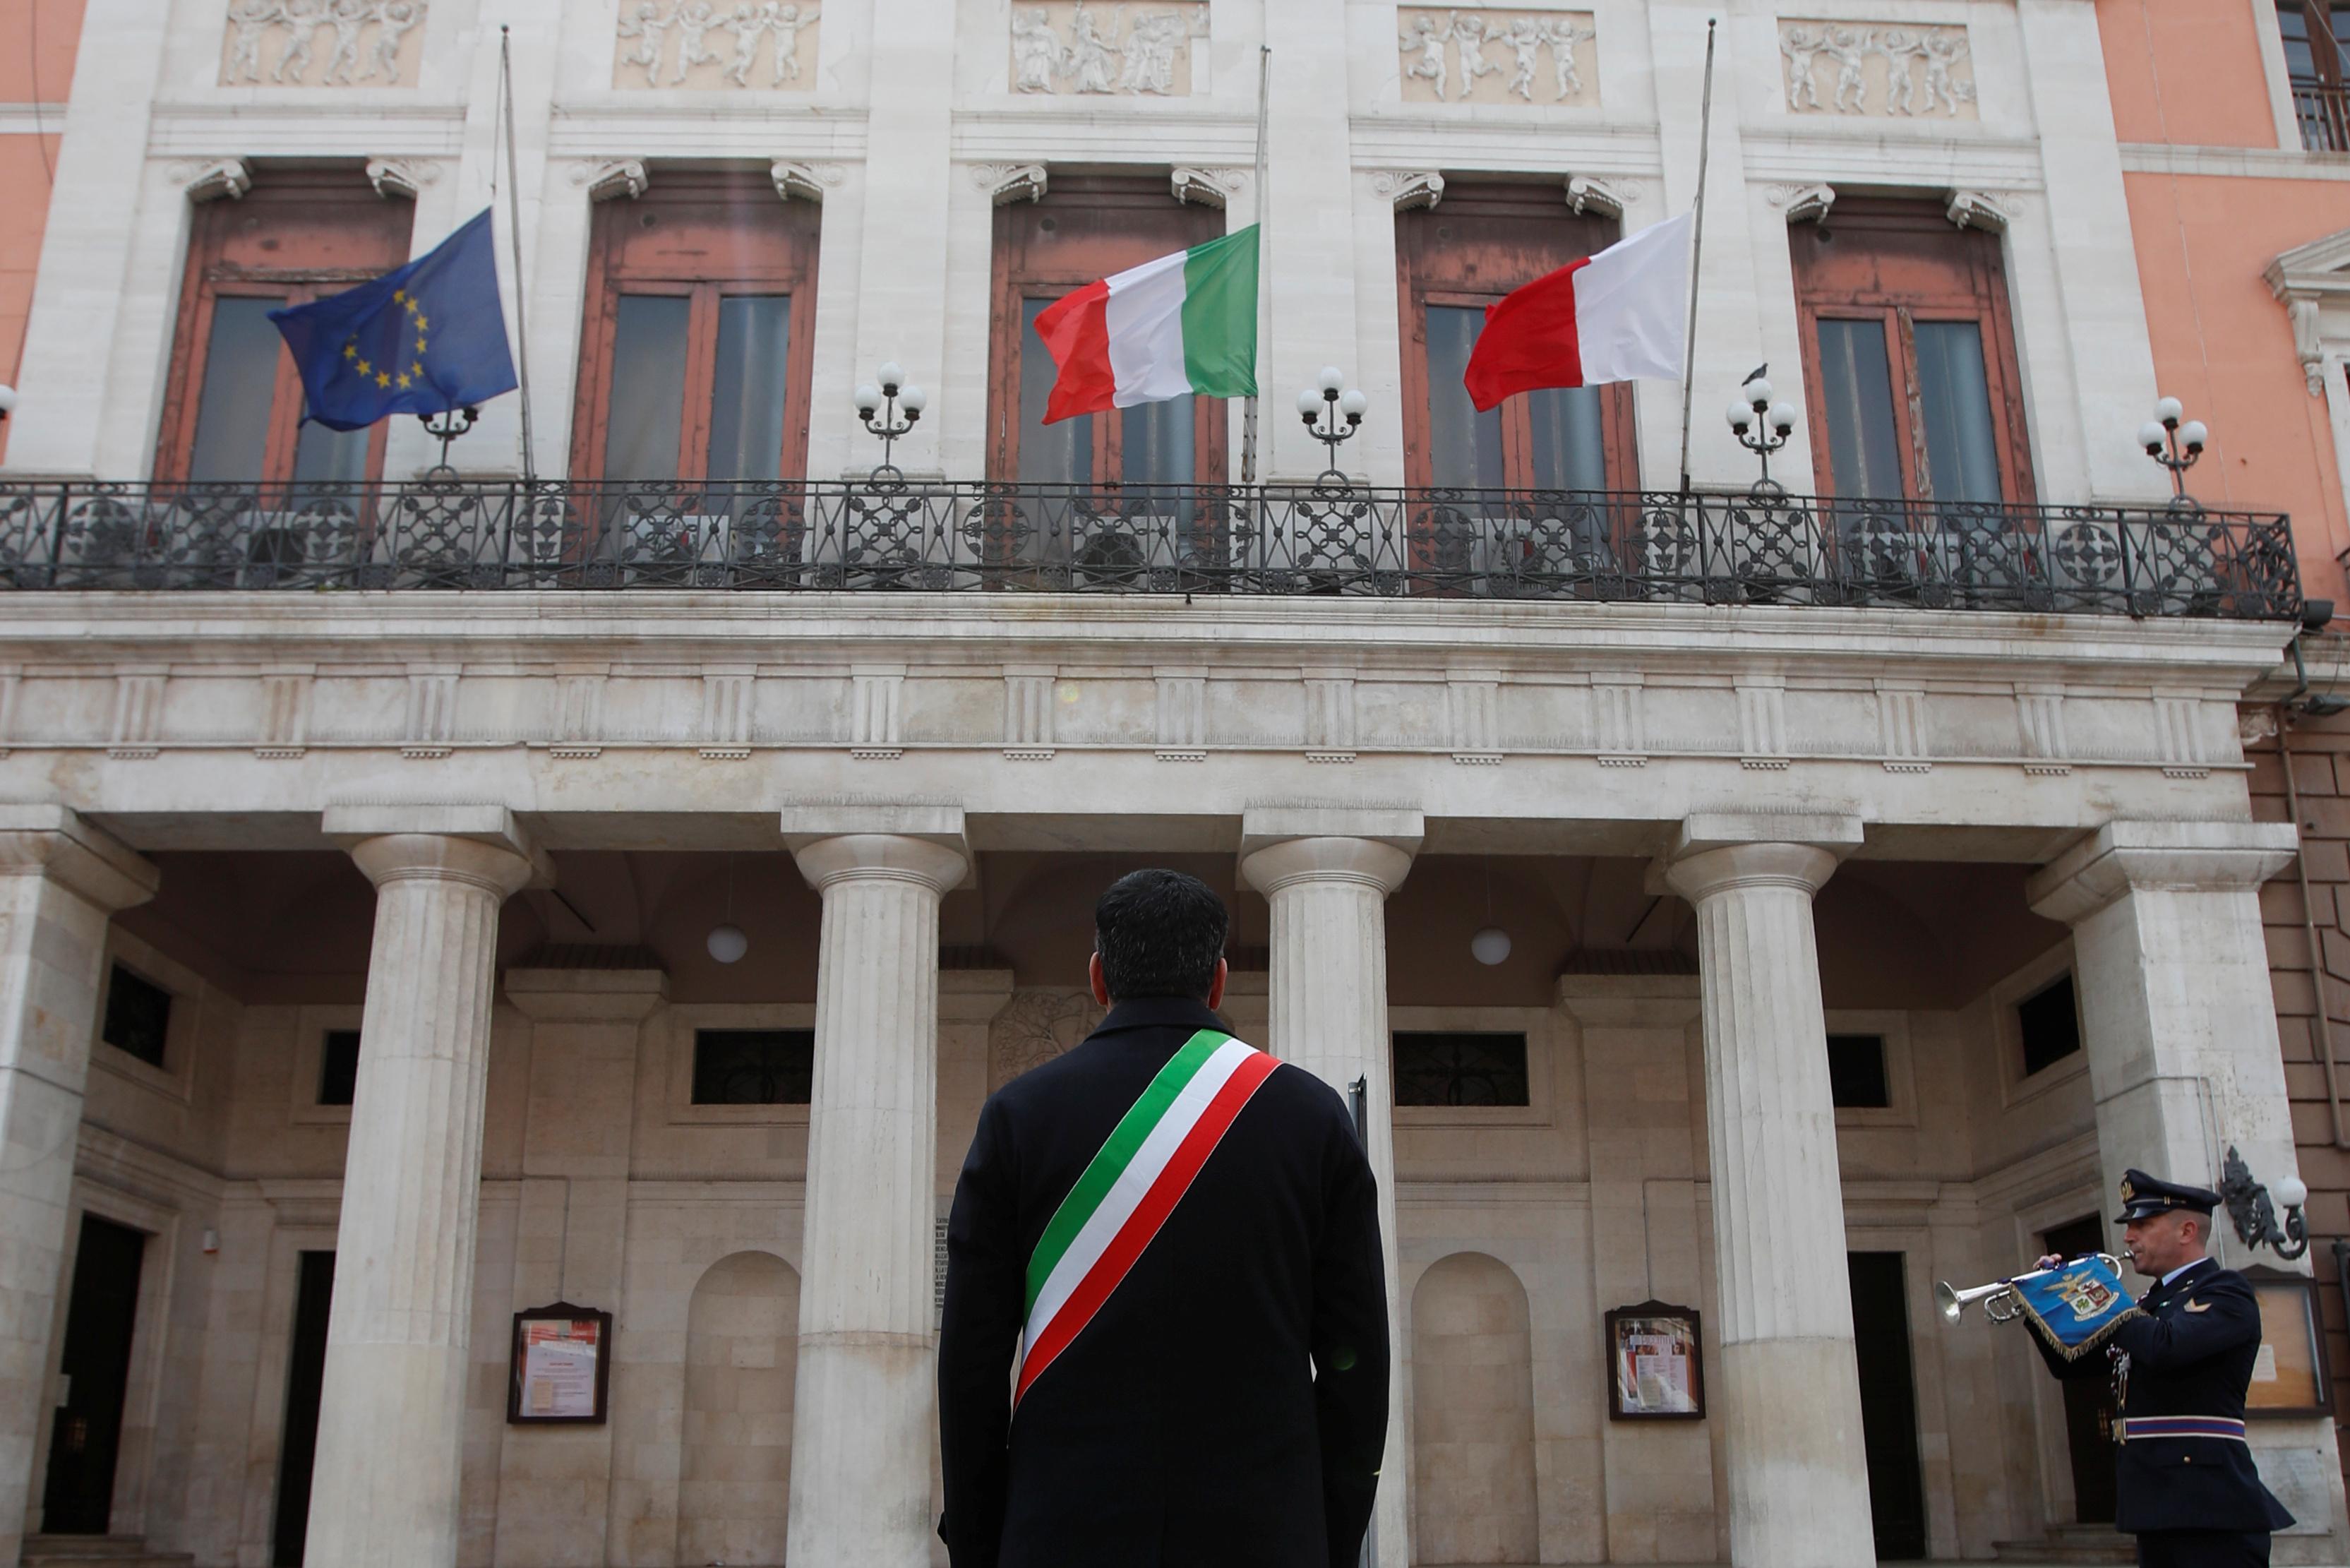 Antonio Decaro, de espaldas, durante el homenaje en Bari. (REUTERS/Alessandro Garofalo)